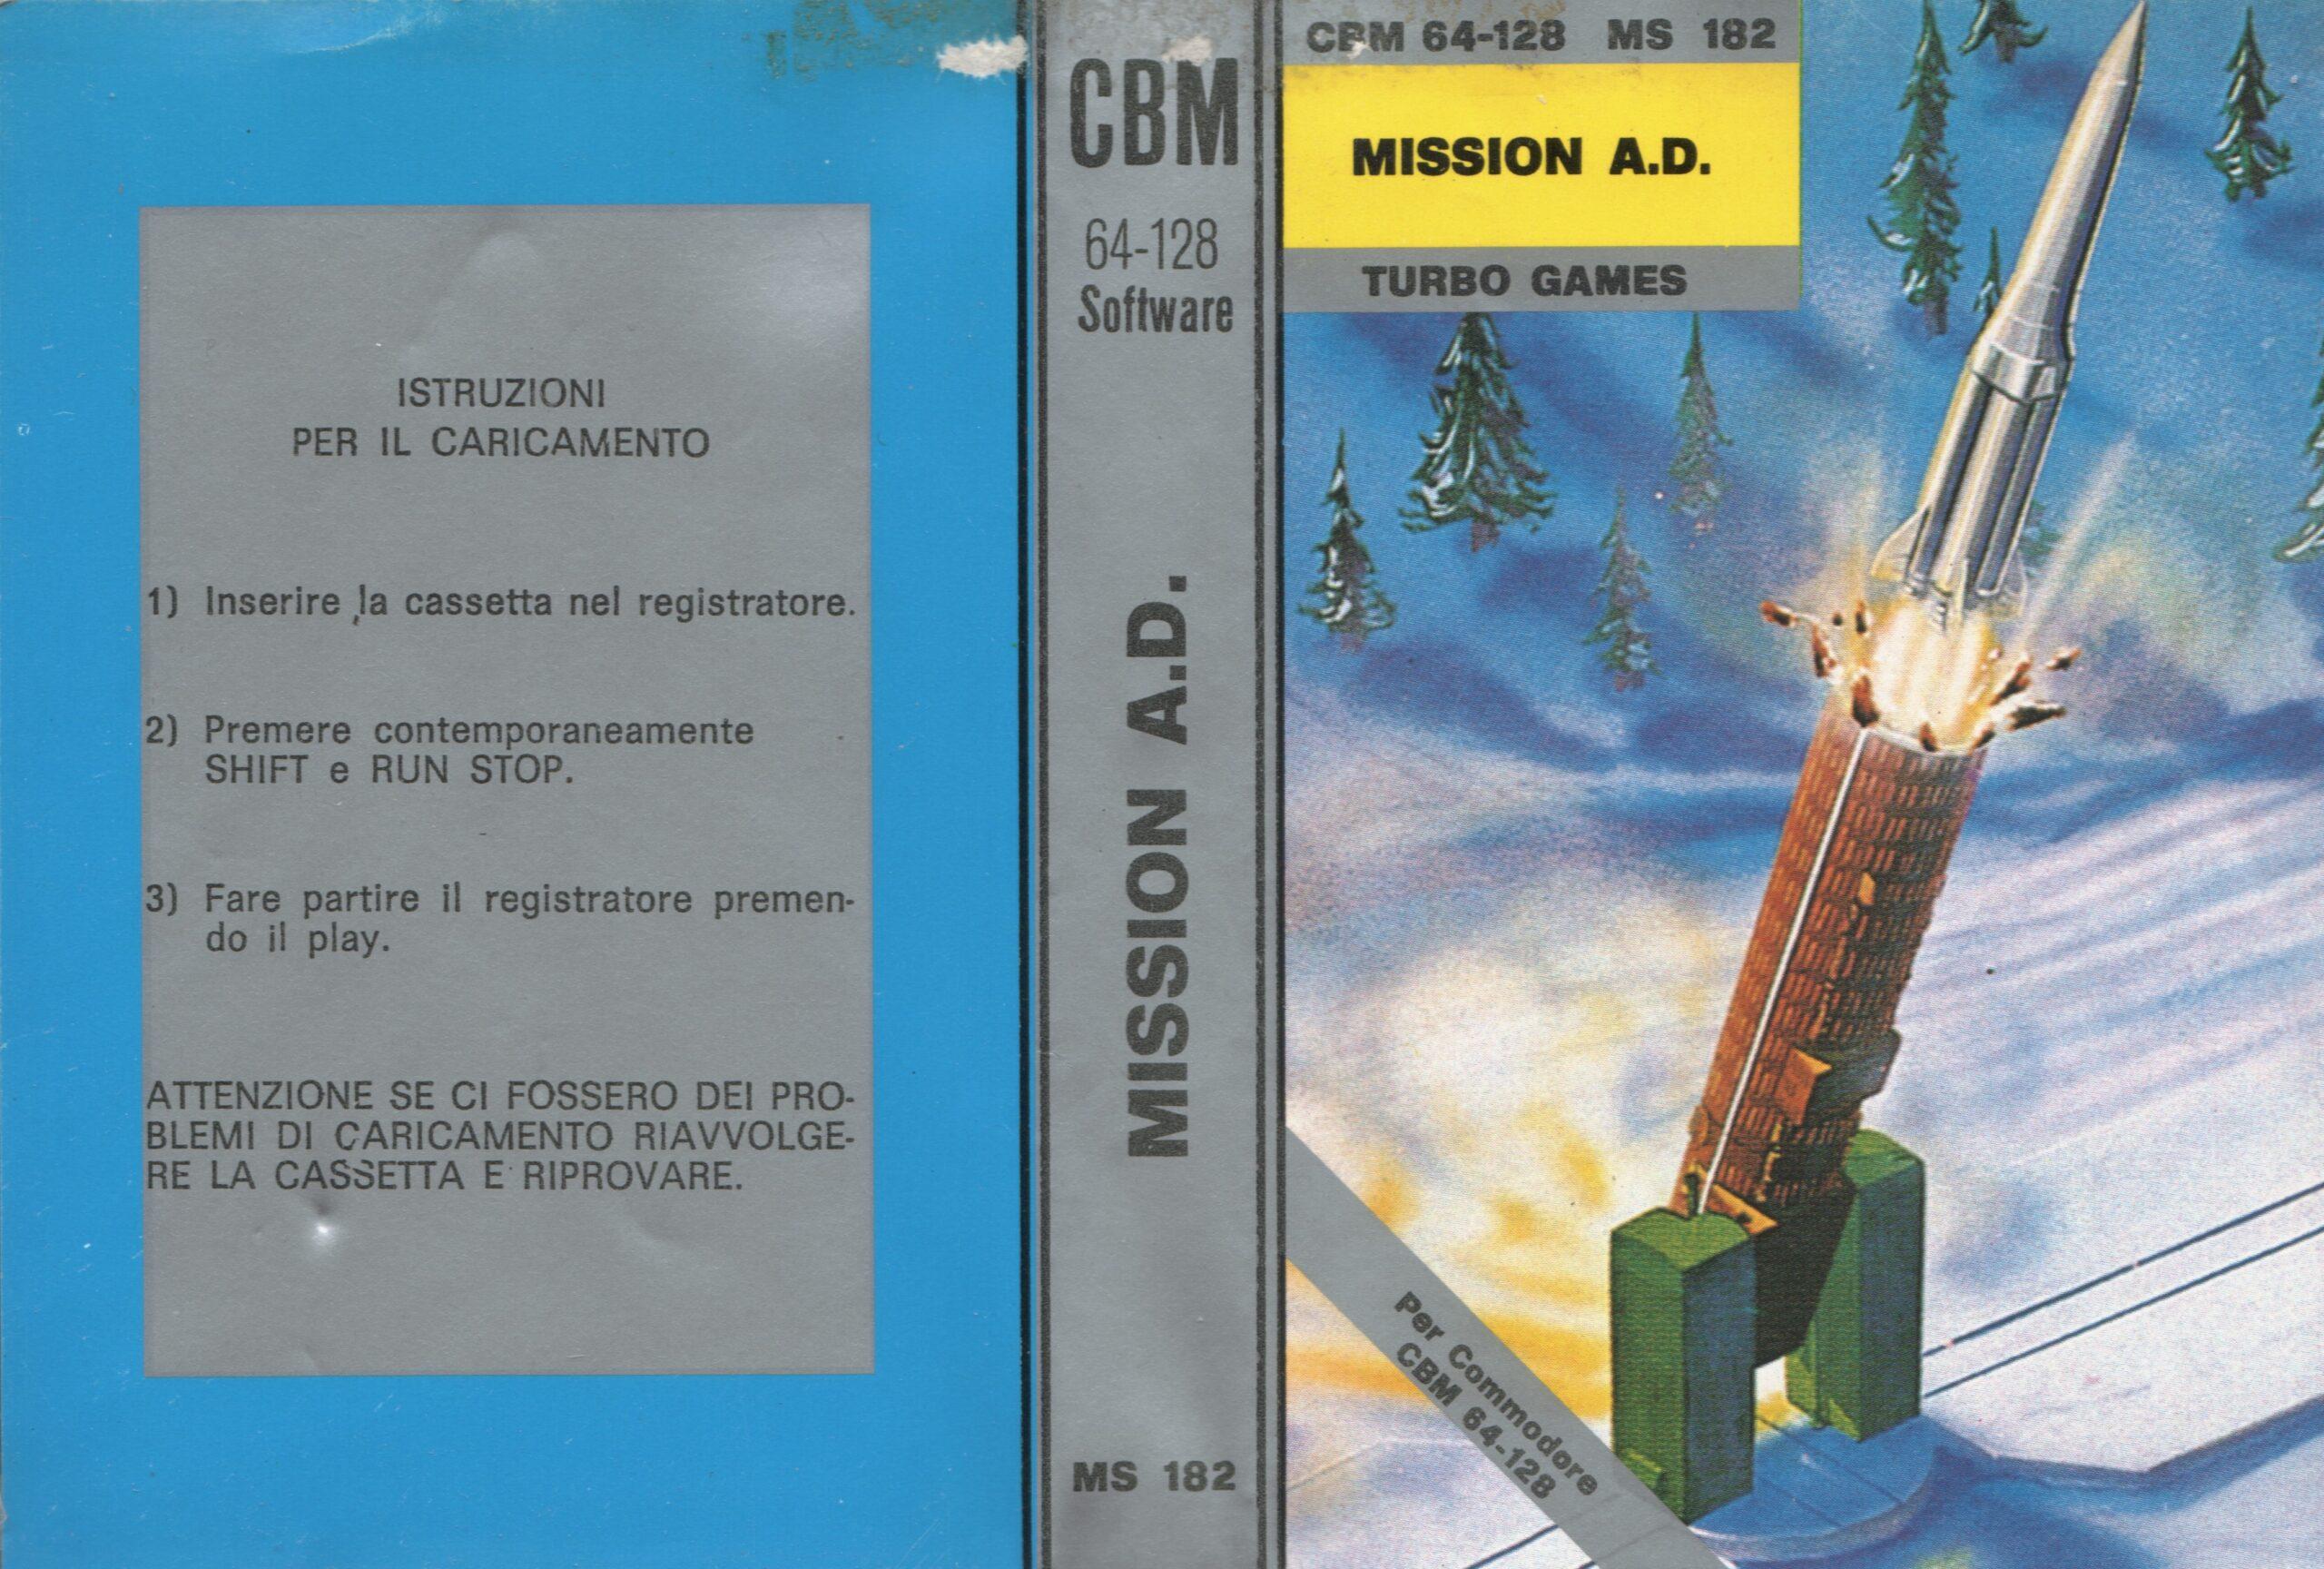 MISSION A.D. MS 182